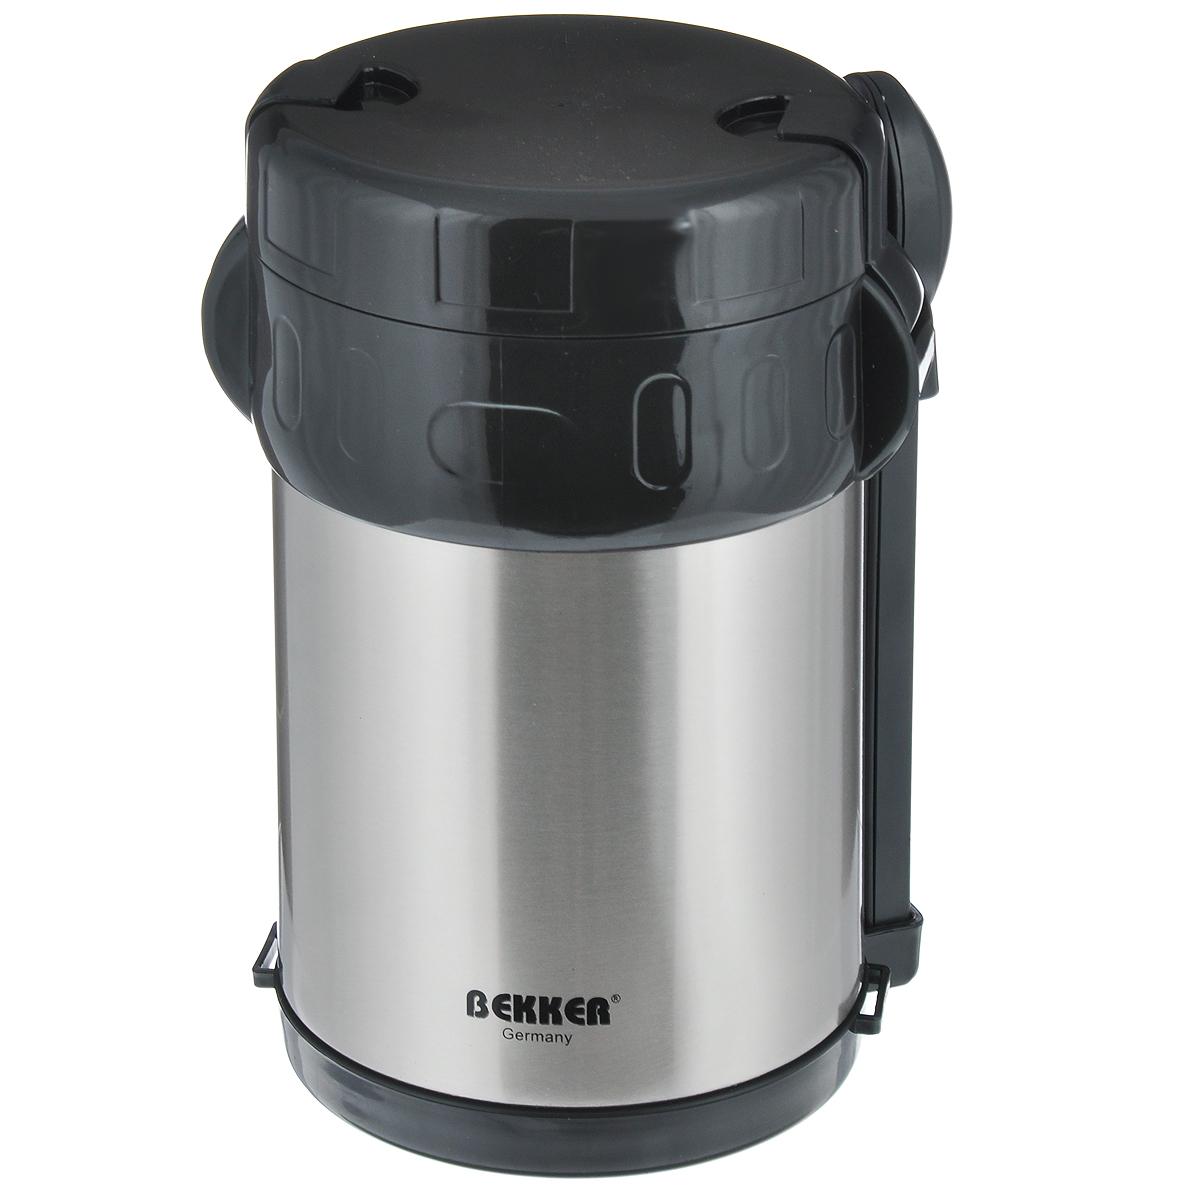 """Пищевой термос с широким горлом """"Bekker"""", изготовленный из высококачественной нержавеющей стали 18/8, прост в использовании и многофункционален. Изделие имеет двойные стенки, что позволяет пище долго оставаться горячей. Термос снабжен 3 пластиковыми контейнерами разного объема, а также металлической ложкой и вилкой в оригинальном чехле, который вставляется в специальную выемку сбоку термоса. Для удобной переноски предусмотрен специальный ремешок. Термос предназначен для хранения горячей и холодной пищи, замороженных продуктов, мороженного, фруктов и льда. Крышка плотно закрывается на две защелки. Высота (с учетом крышки): 22 см.Диаметр горлышка: 13 см.Диаметр контейнеров: 11,5 см.Высота контейнеров: 9 см; 5 см; 3,5 см. Объем контейнеров: 700 мл; 400 мл; 250 мл.Длина вилки/ложки: 15 см."""